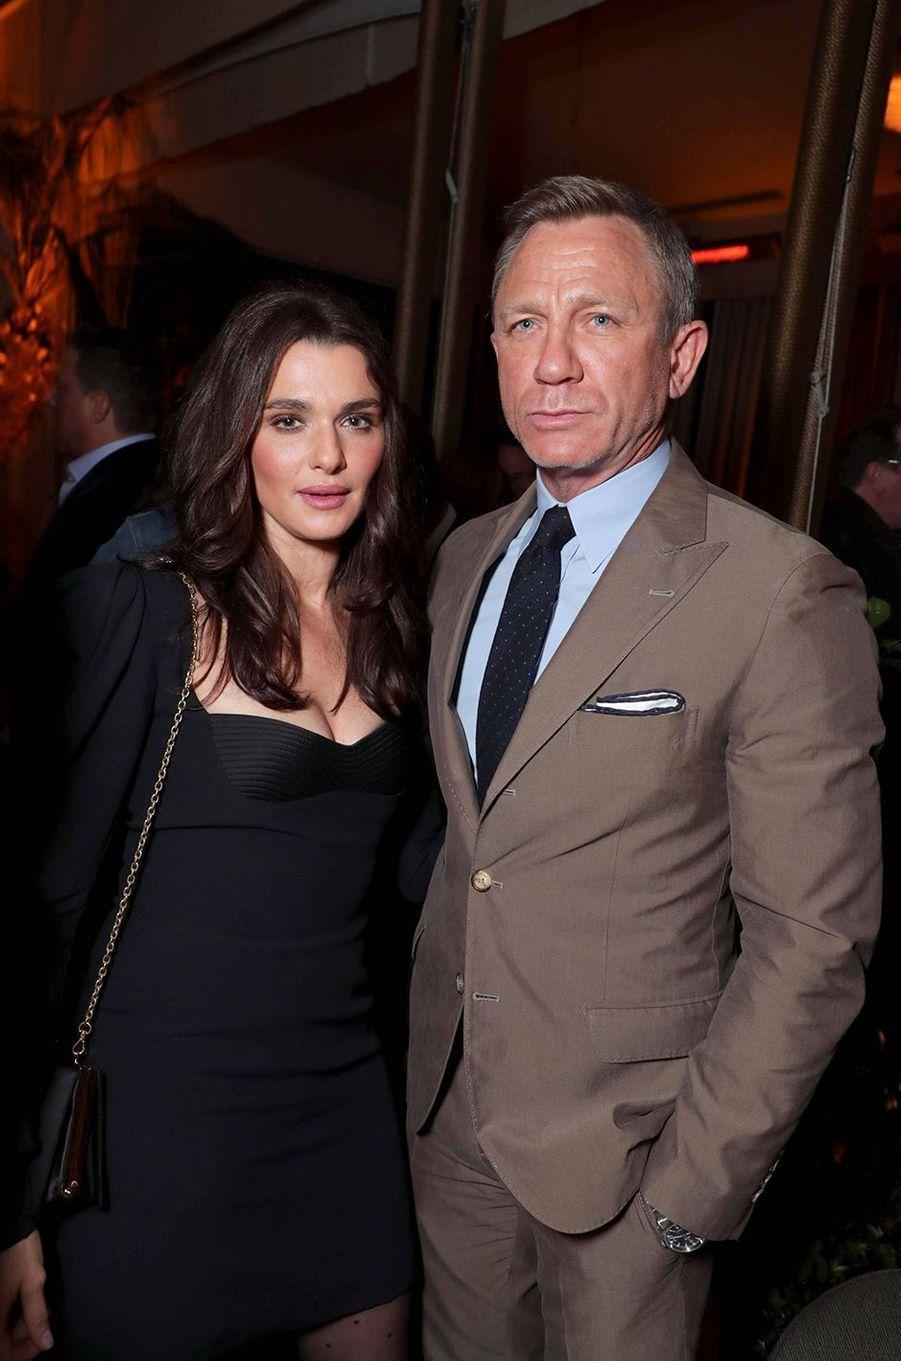 Rachel Weisz et Daniel Craig se sont mariés en 2011 après moins d'un an de relation